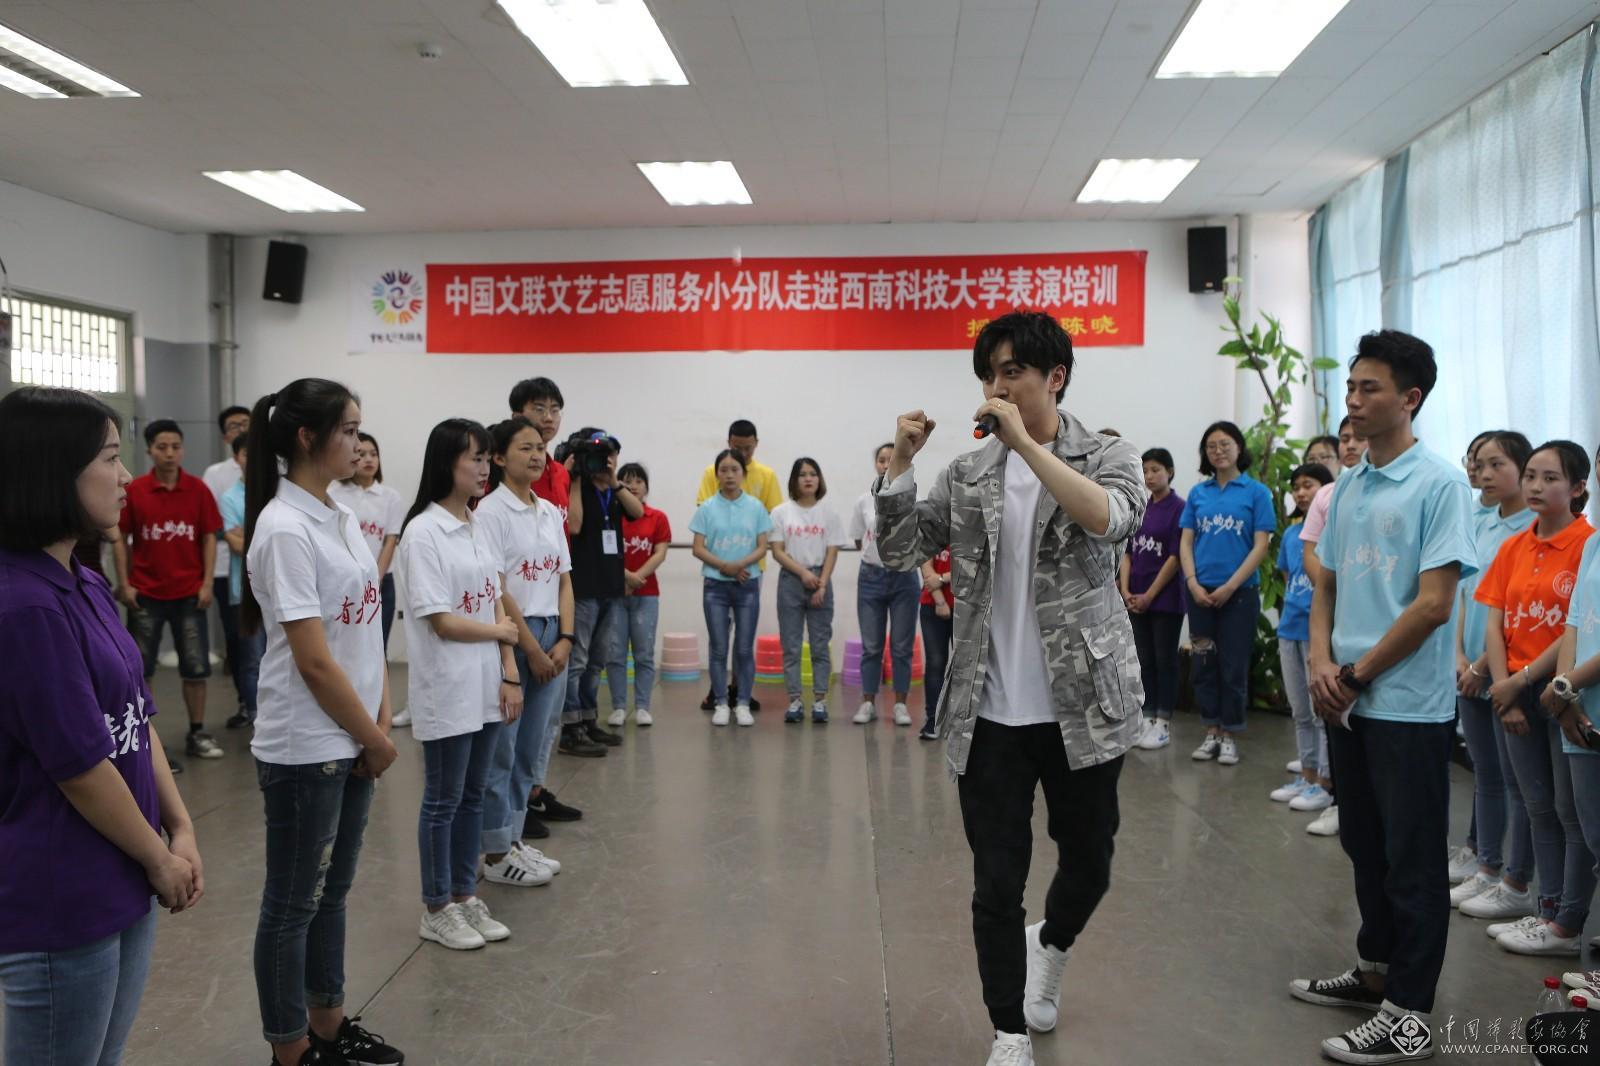 中国文联文艺志愿服务小分队对西南科技大学学生进行表演培训.JPG